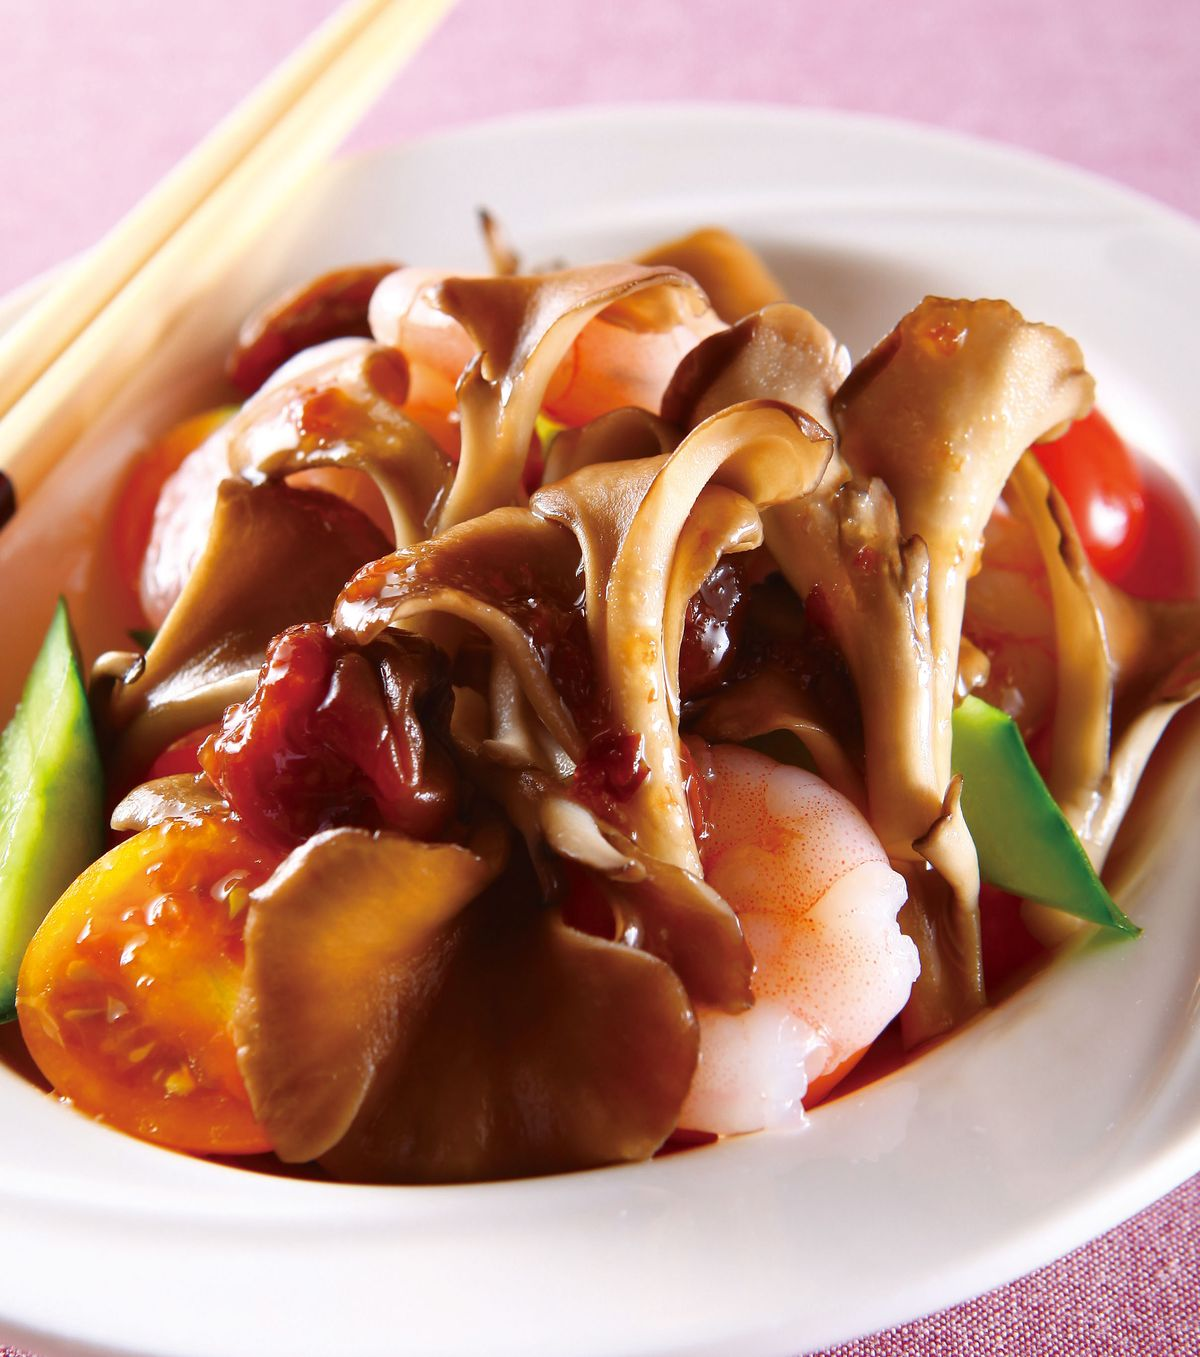 食譜:梅醬拌舞菇